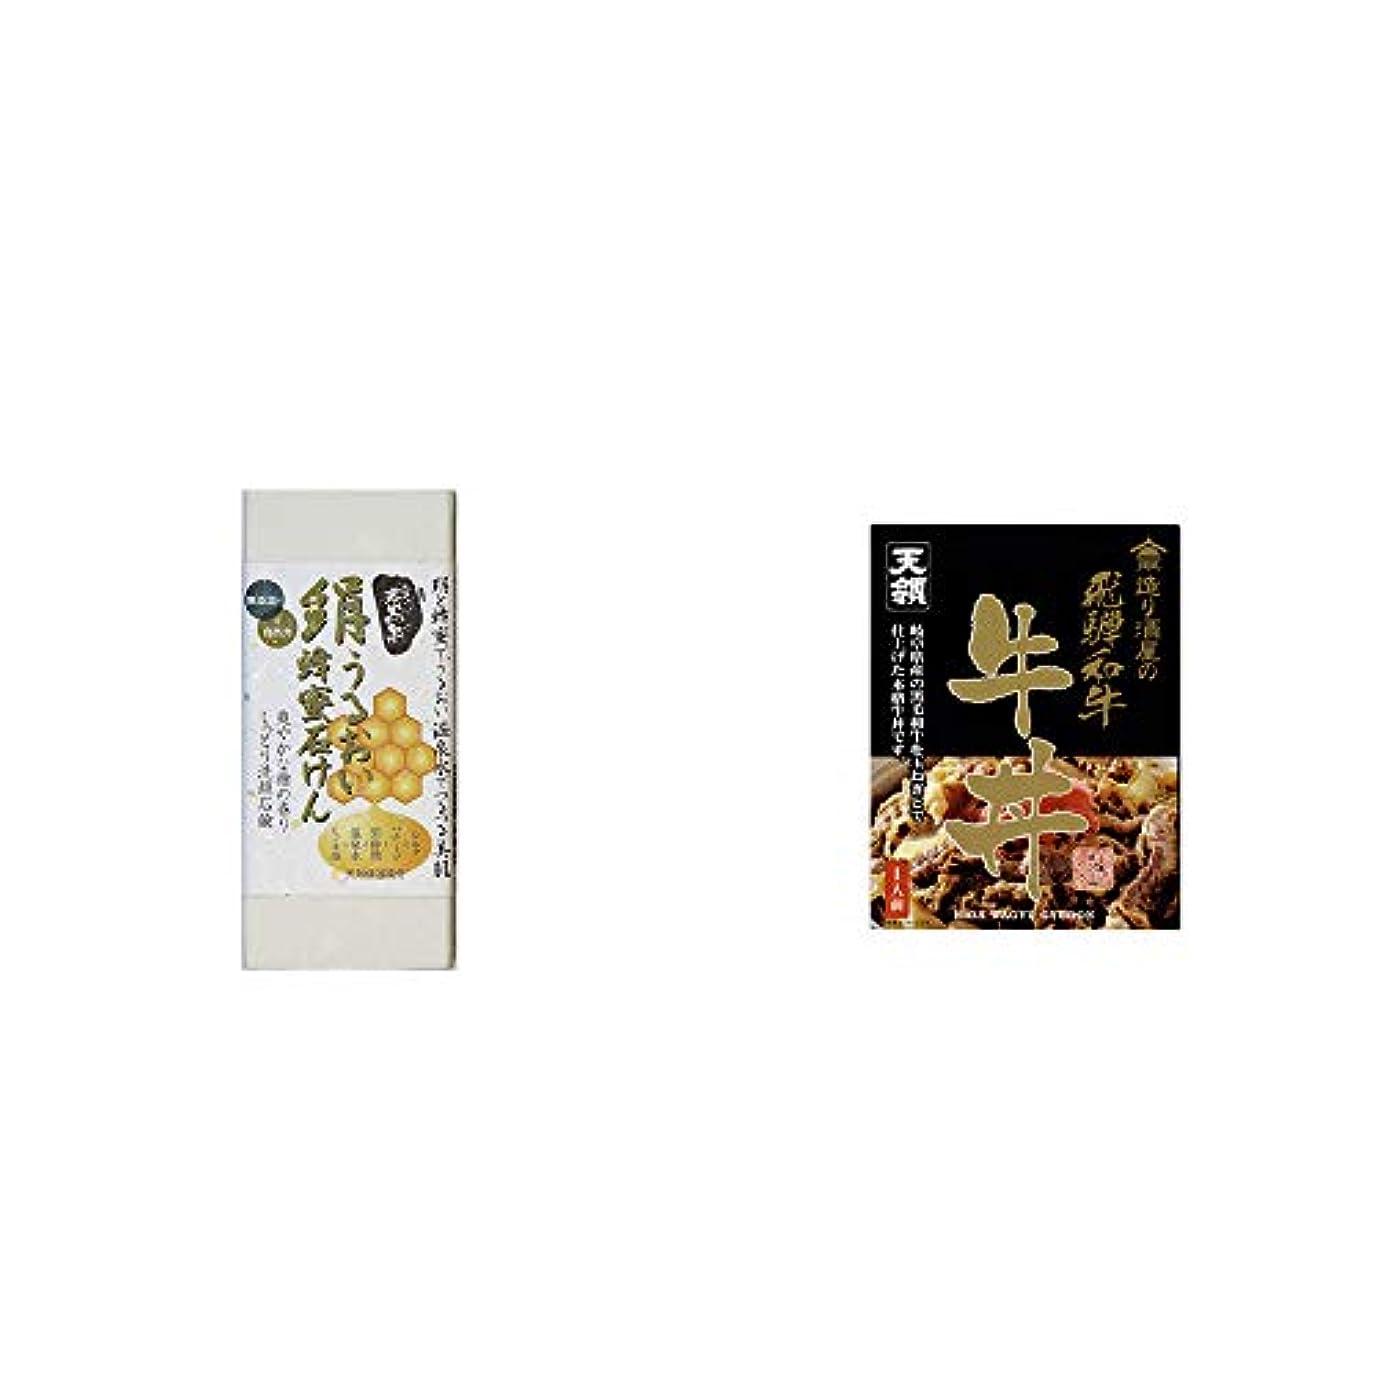 古代神の公使館[2点セット] ひのき炭黒泉 絹うるおい蜂蜜石けん(75g×2)?天領酒造 造り酒屋の飛騨和牛 牛丼(1人前)